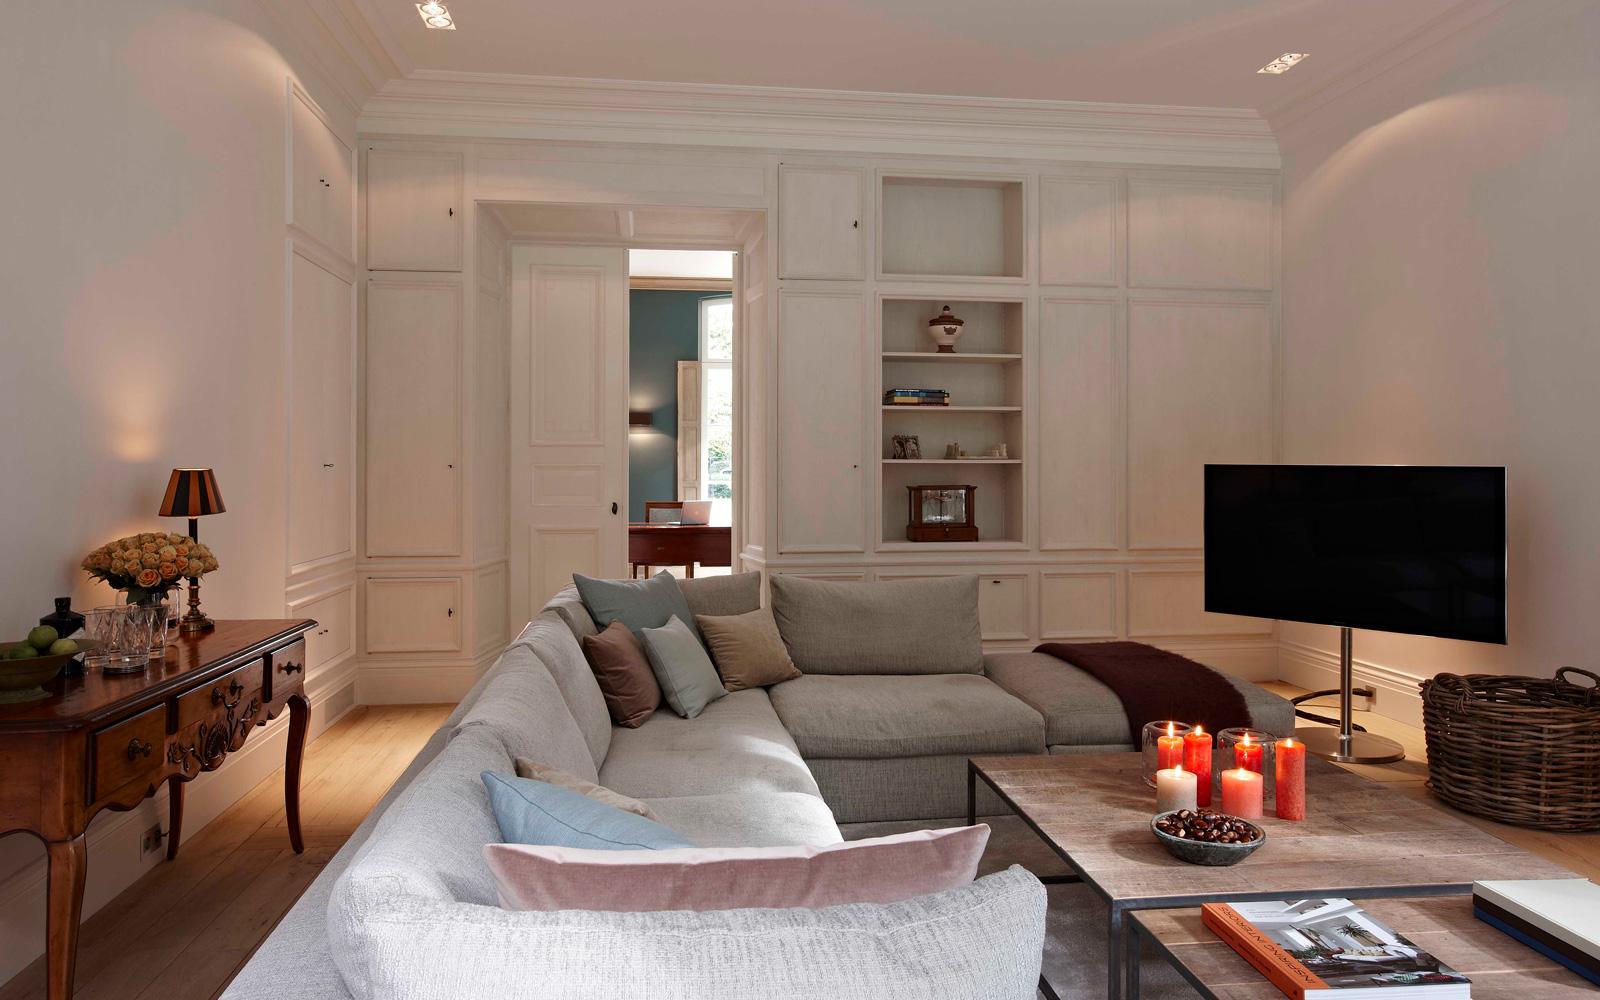 De woonkamer is sfeervol ingericht met een moderne touch.